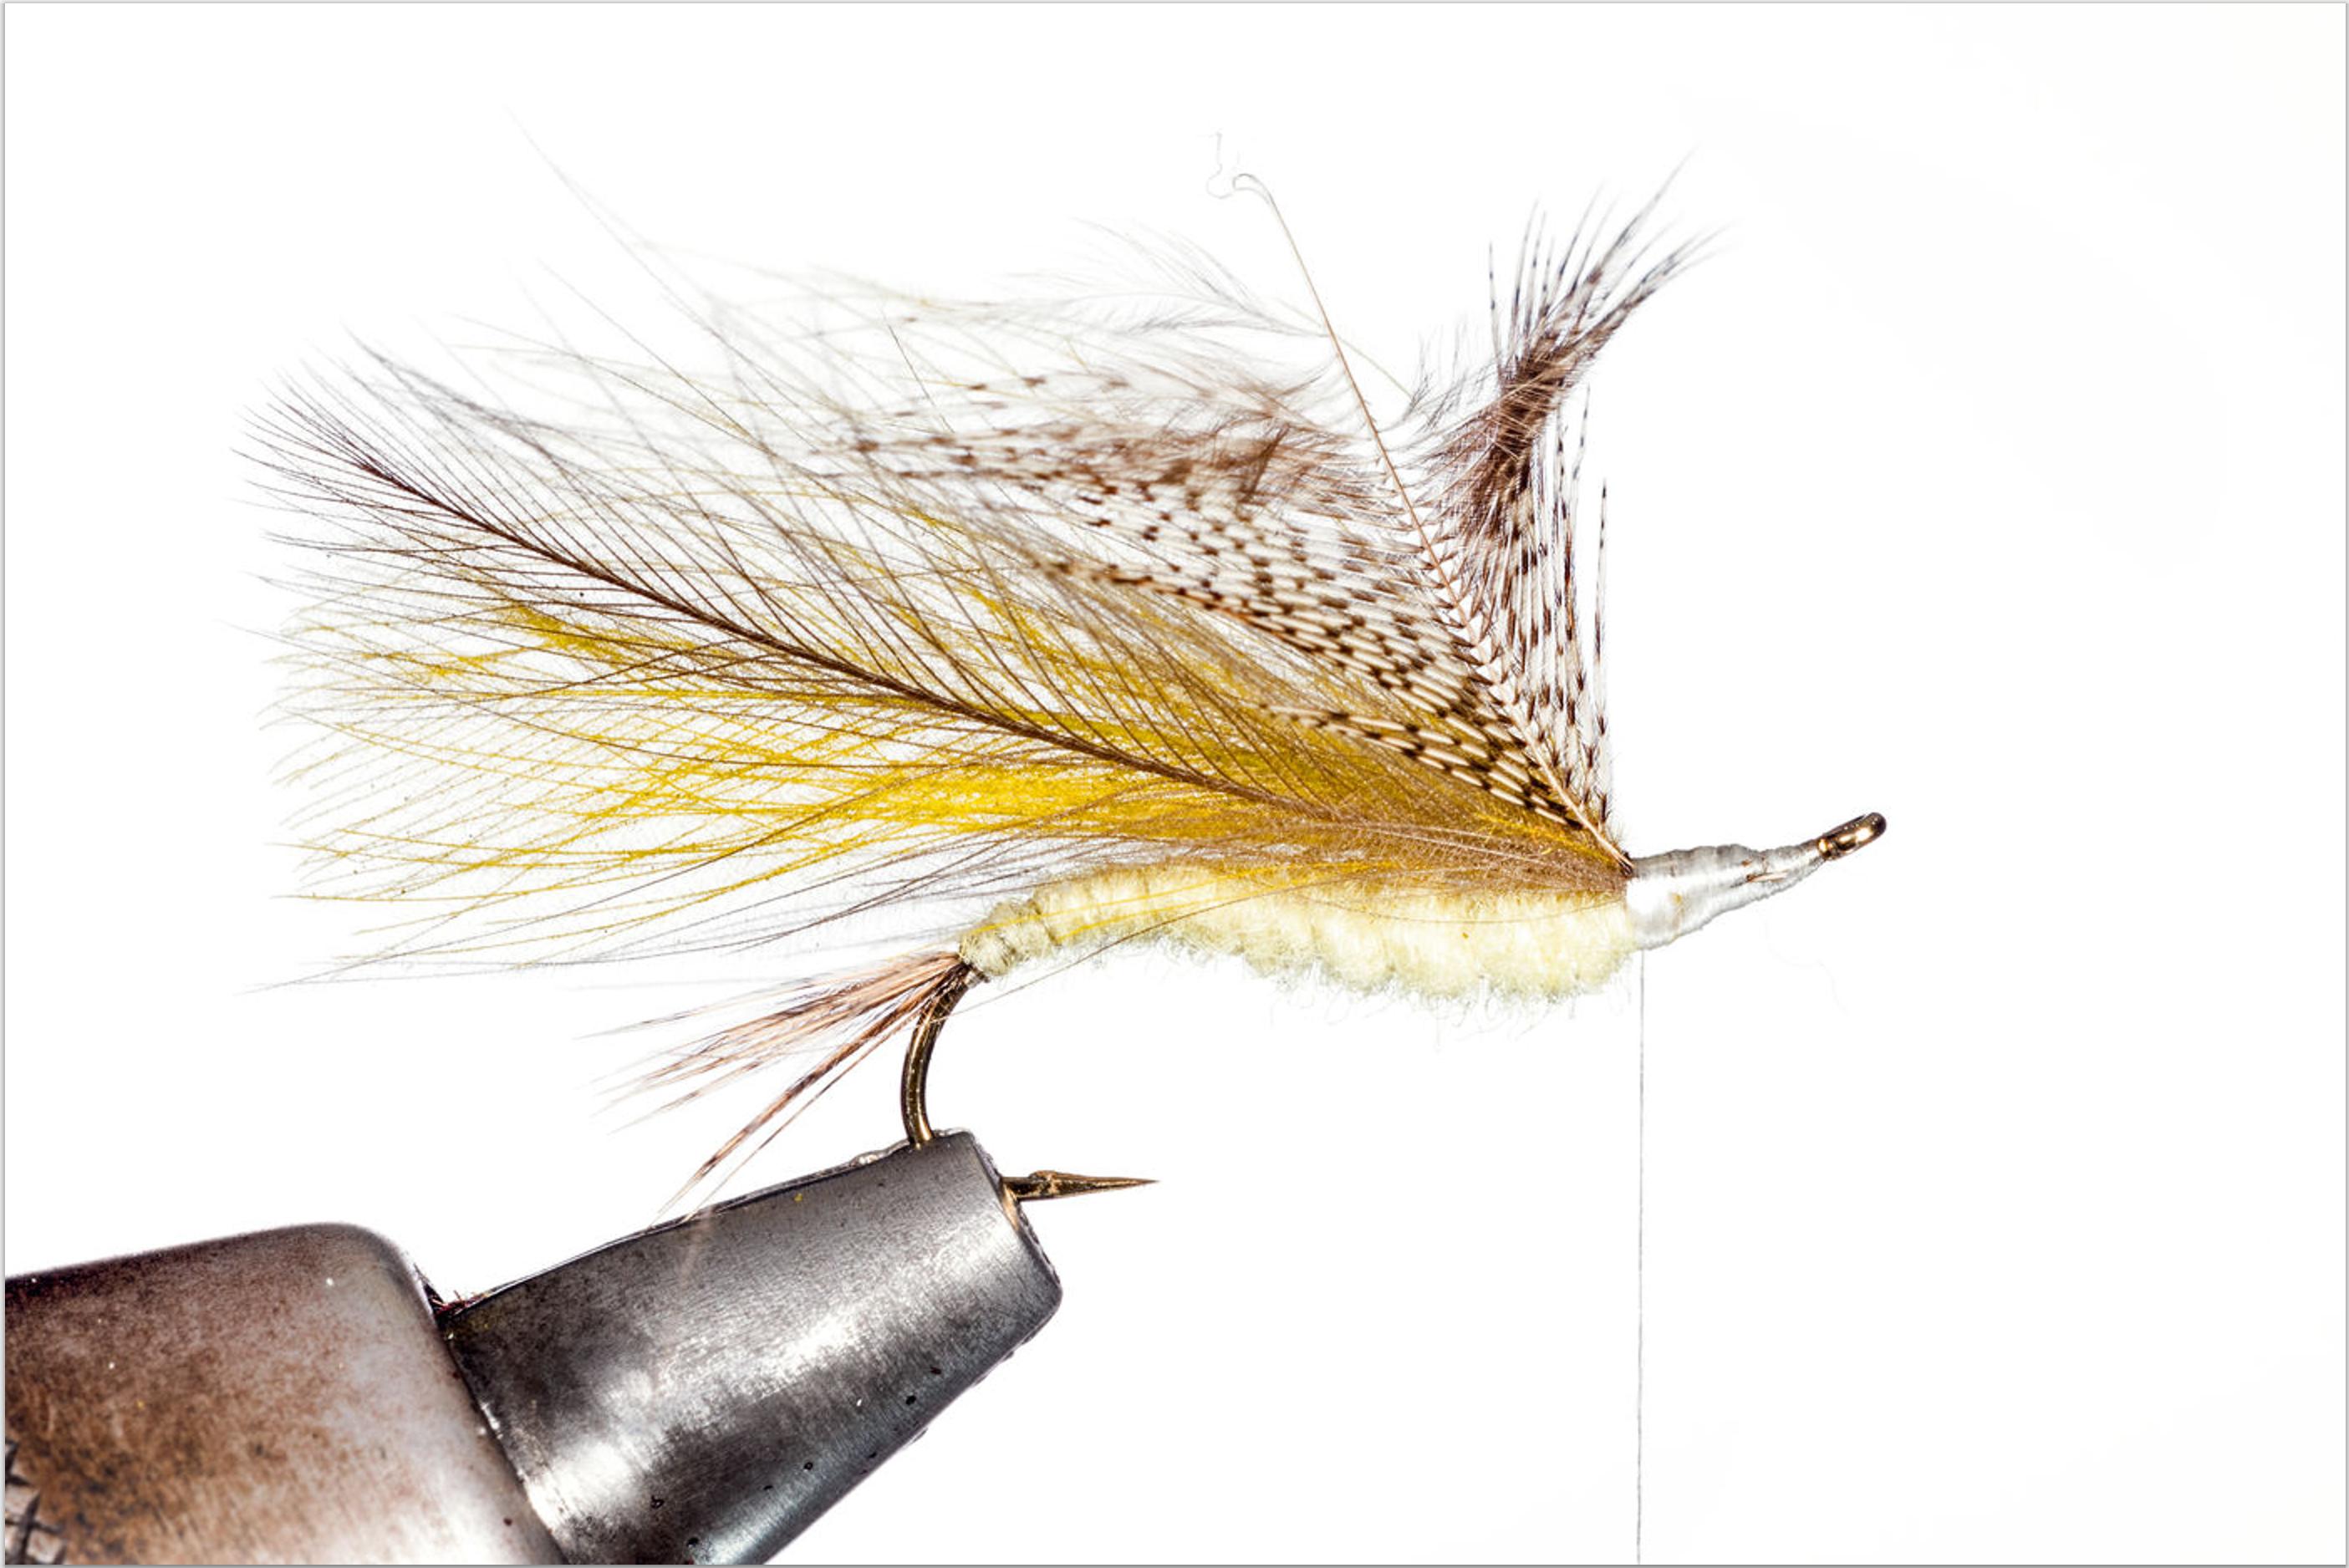 6. Nehmen Sie nun eine Rebhuhnfeder und legen Sie die Feder mit der Spitze ebenfalls am Thorax der Fliege an. Sichern Sie die Rebhuhnfeder mit dem Faden und entfernen Sie den unteren Rest der Feder.